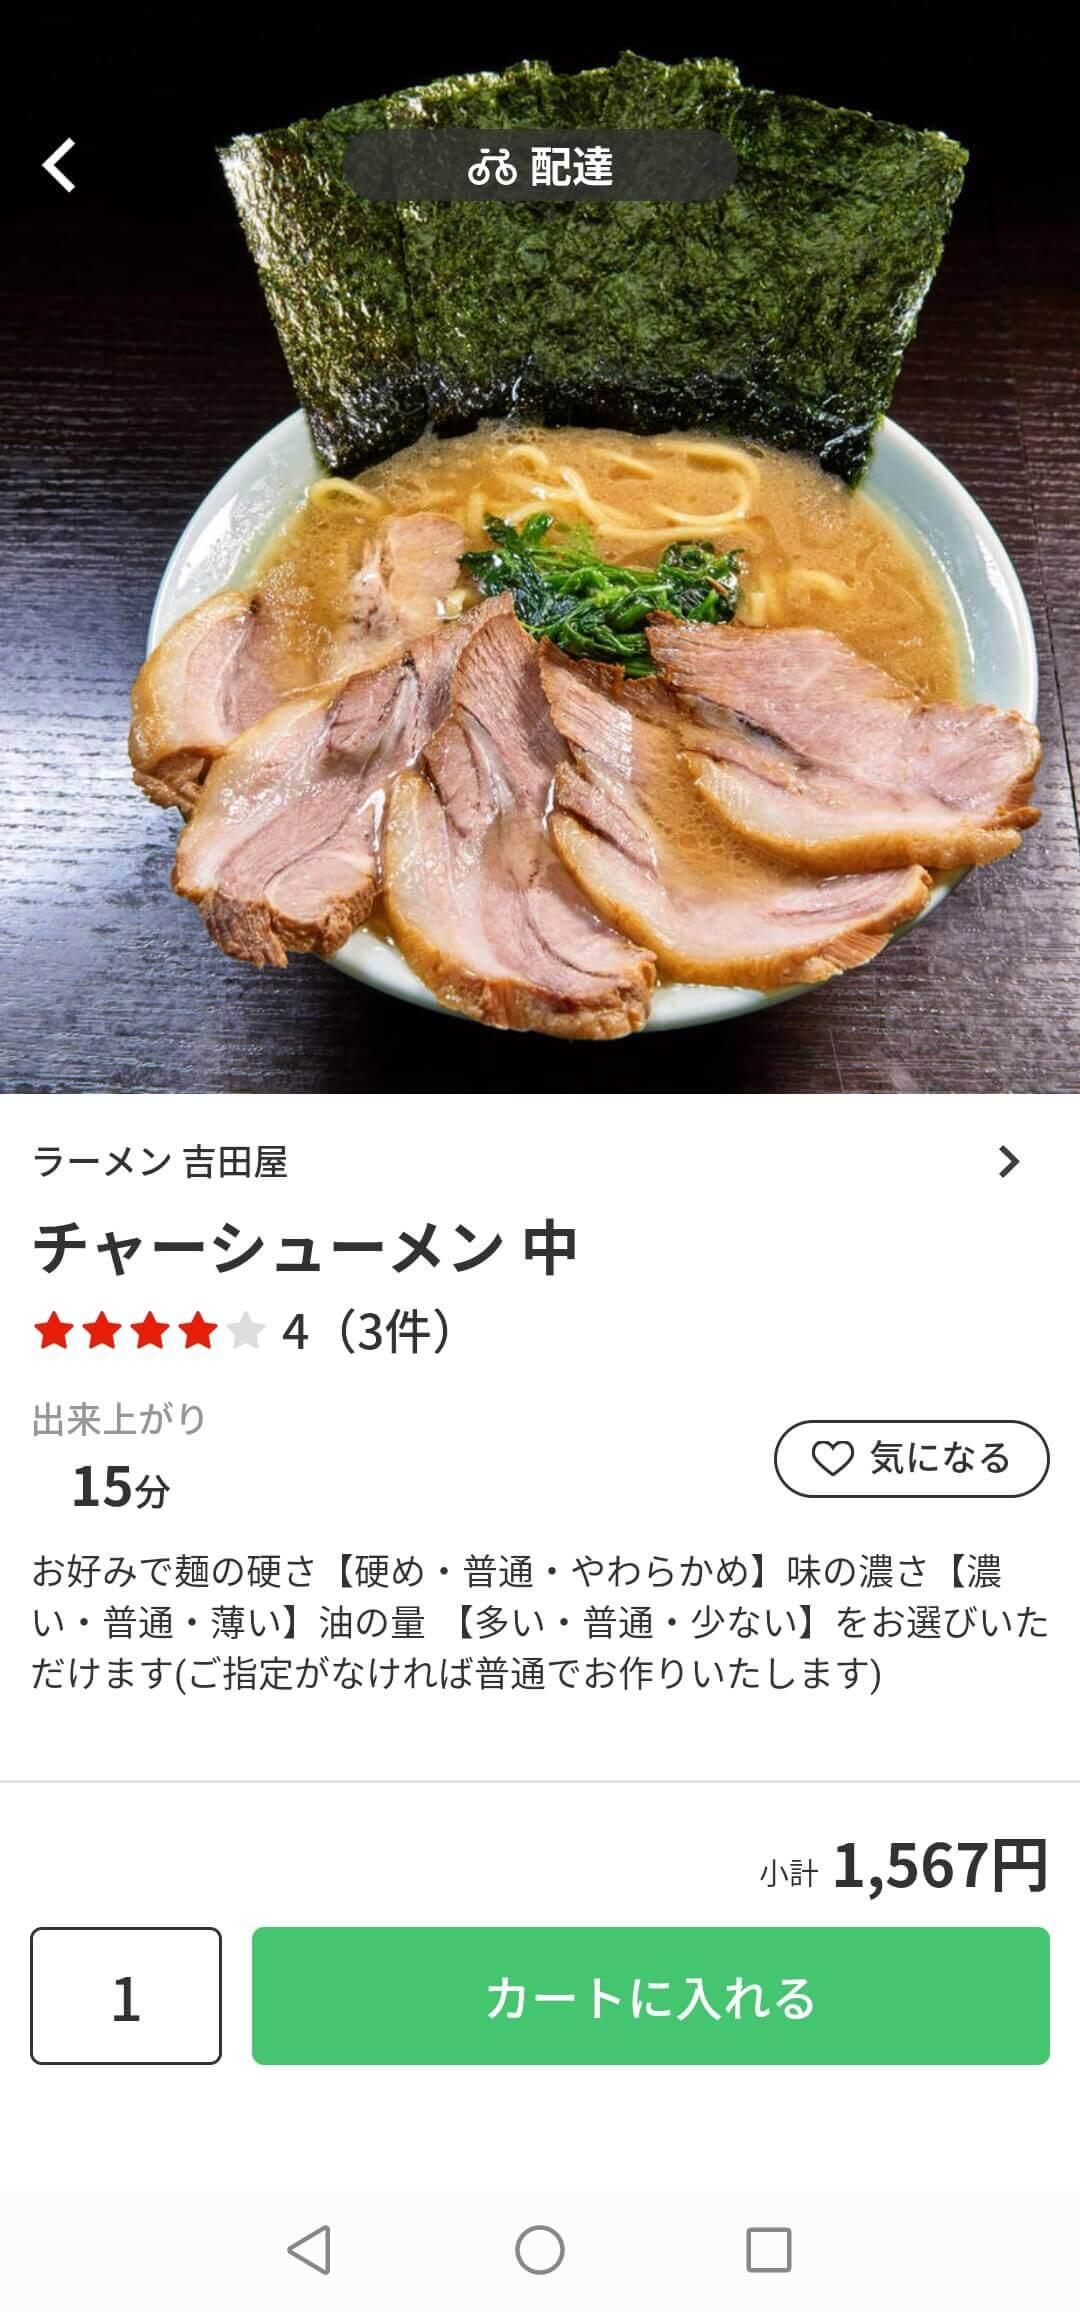 menu(メニュー)東京都内のおすすめ店舗・麺類【ラーメン 吉田屋】『チャーシューメン 中』1,567円